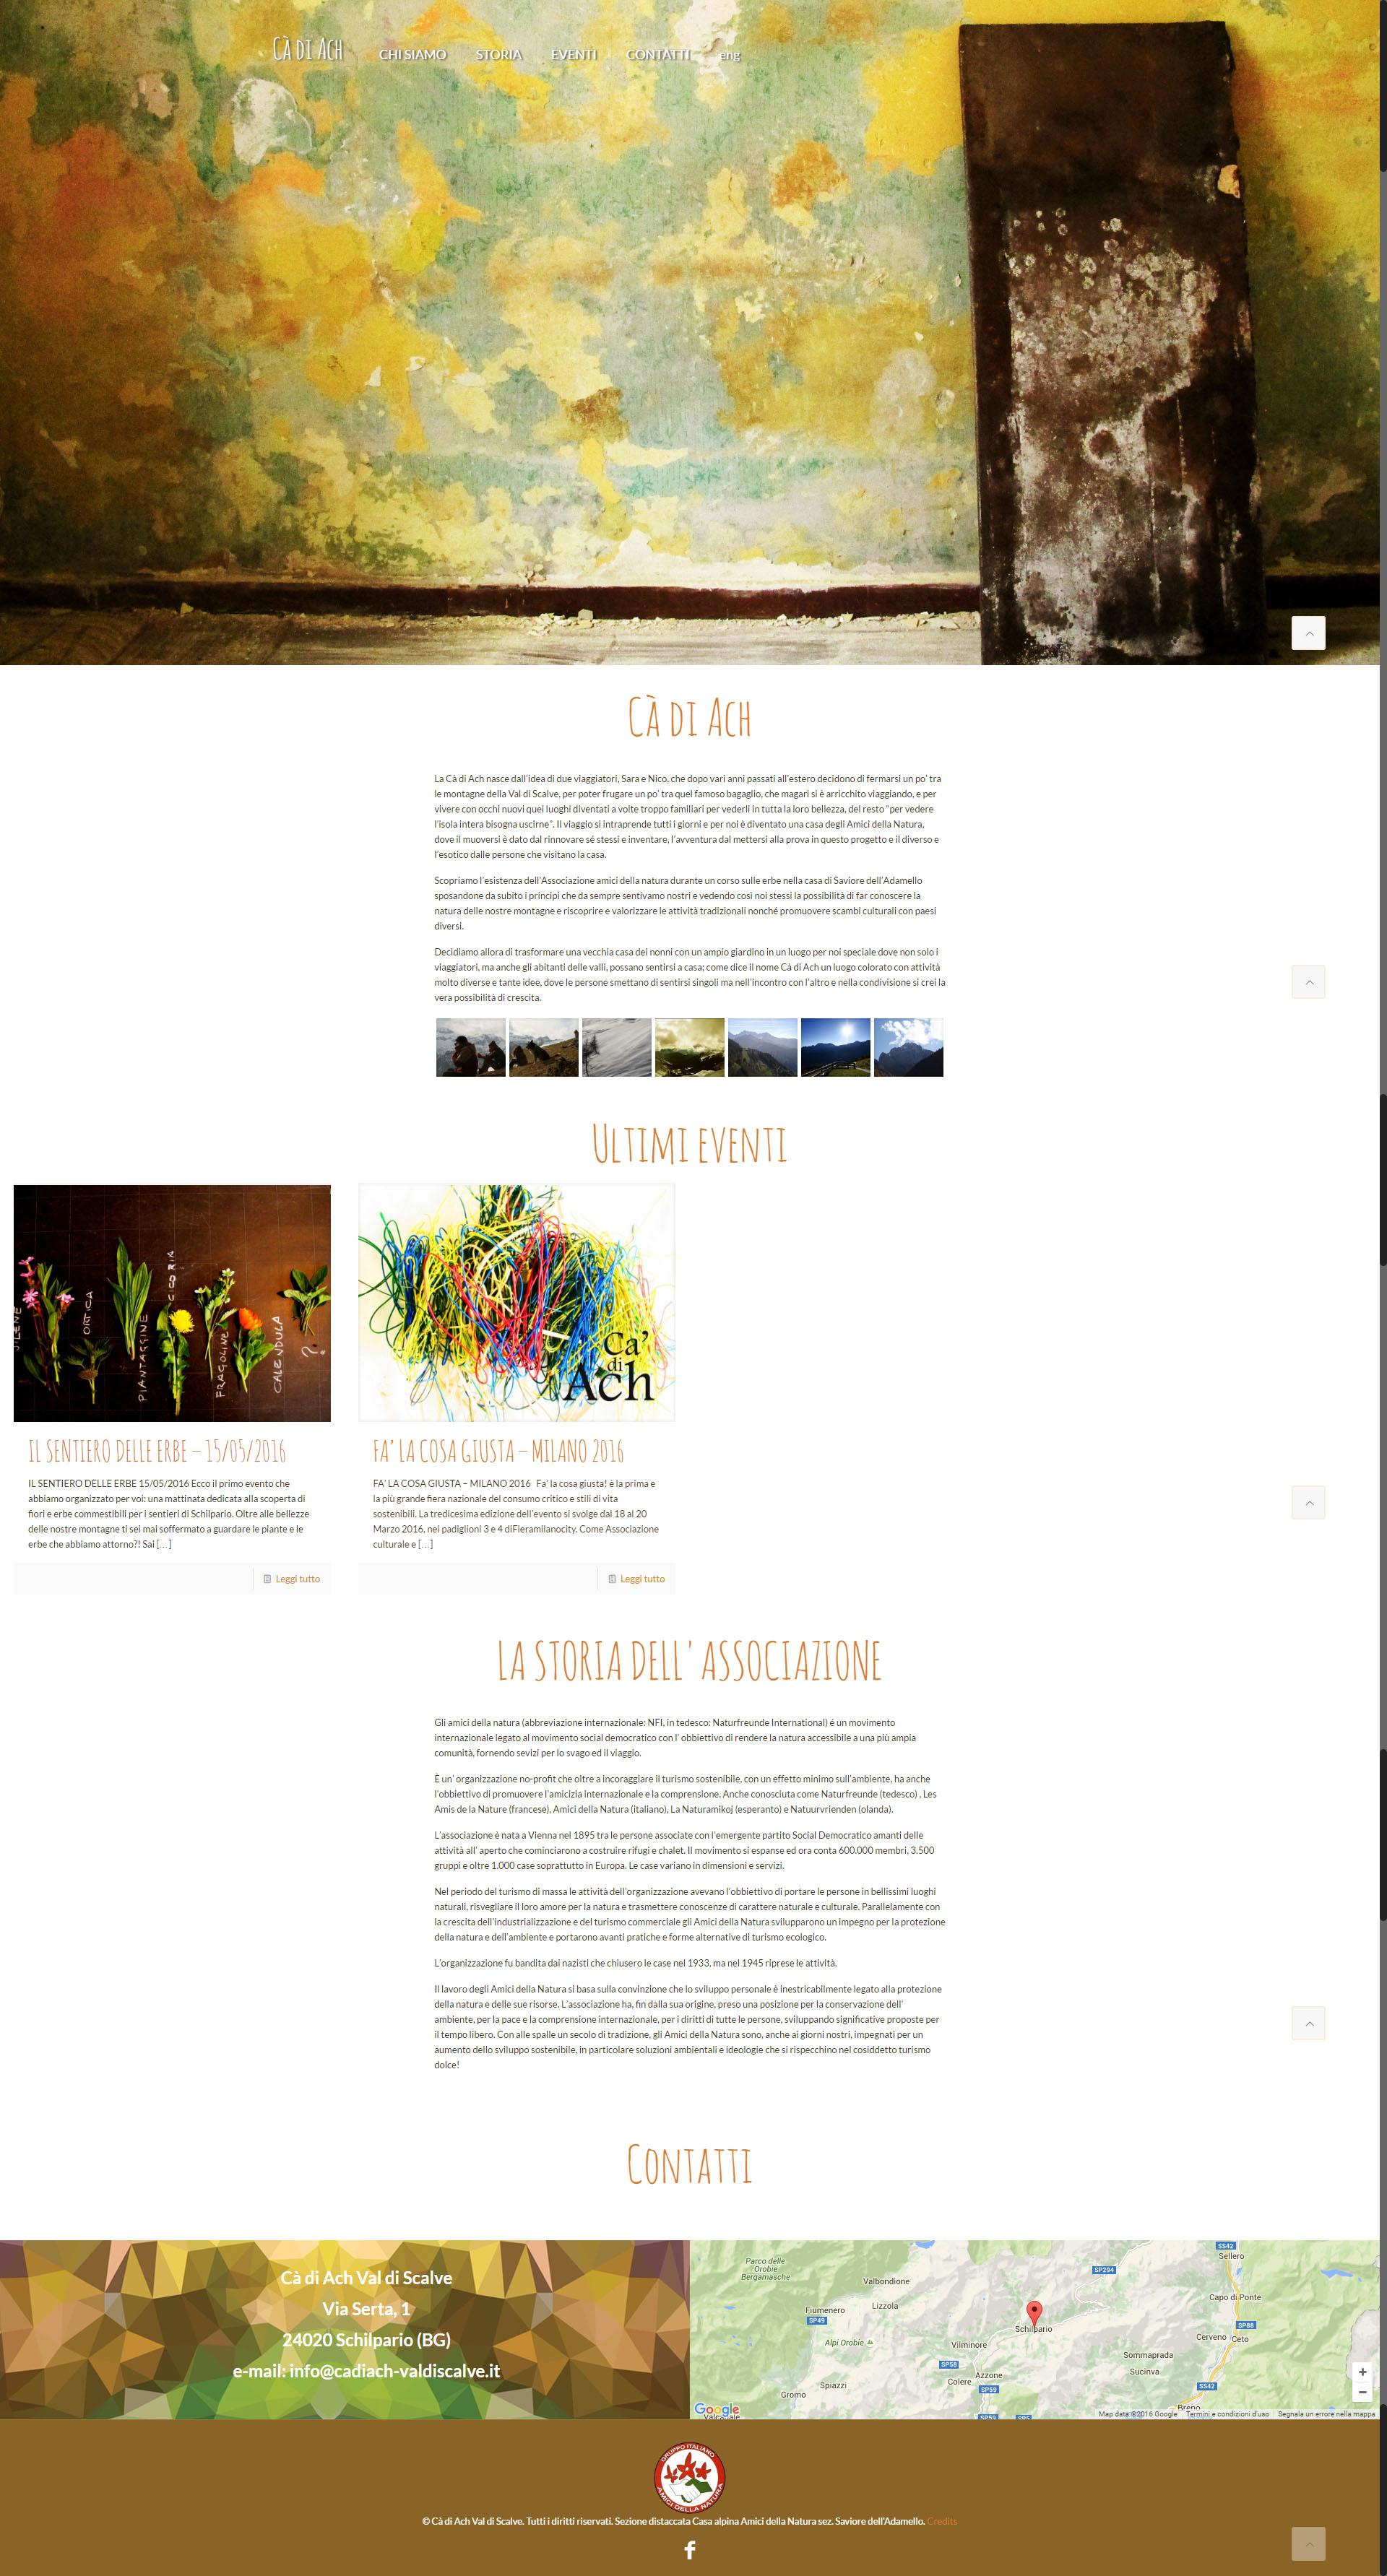 gian-cadiach-val-di-scalve-siti-web-grafica-seo-eventi-social-network-valle-camonica-contessi-fostinelli